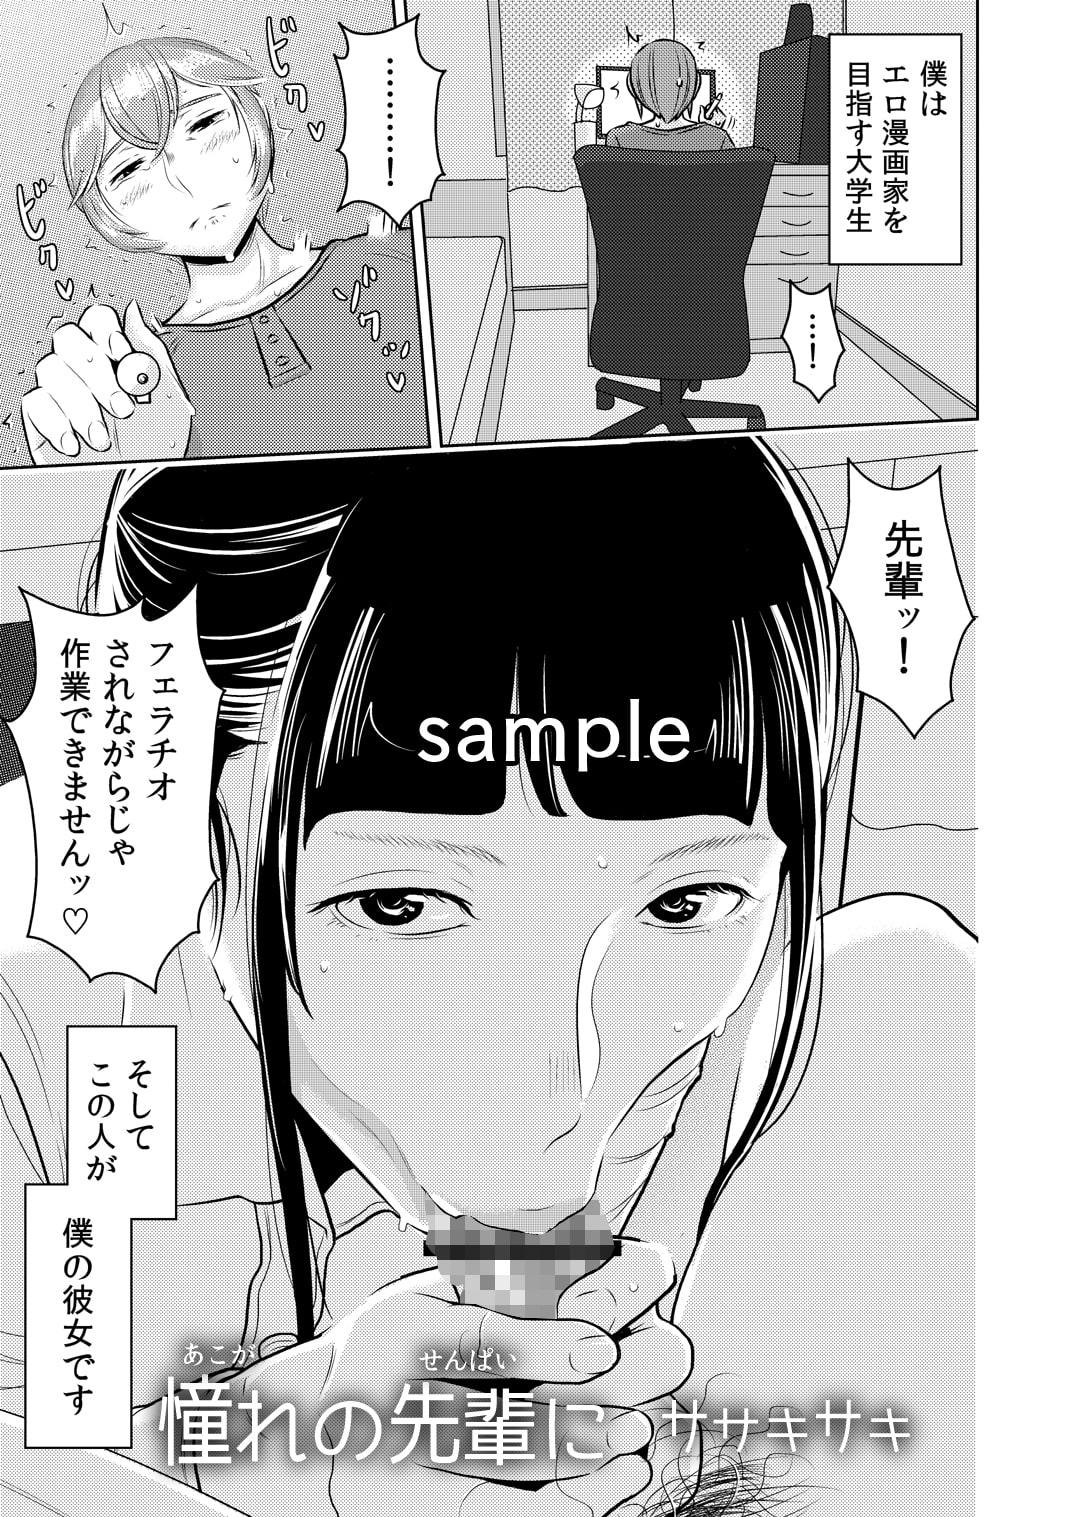 憧れの先輩に ~えっちな漫画の作り方!~